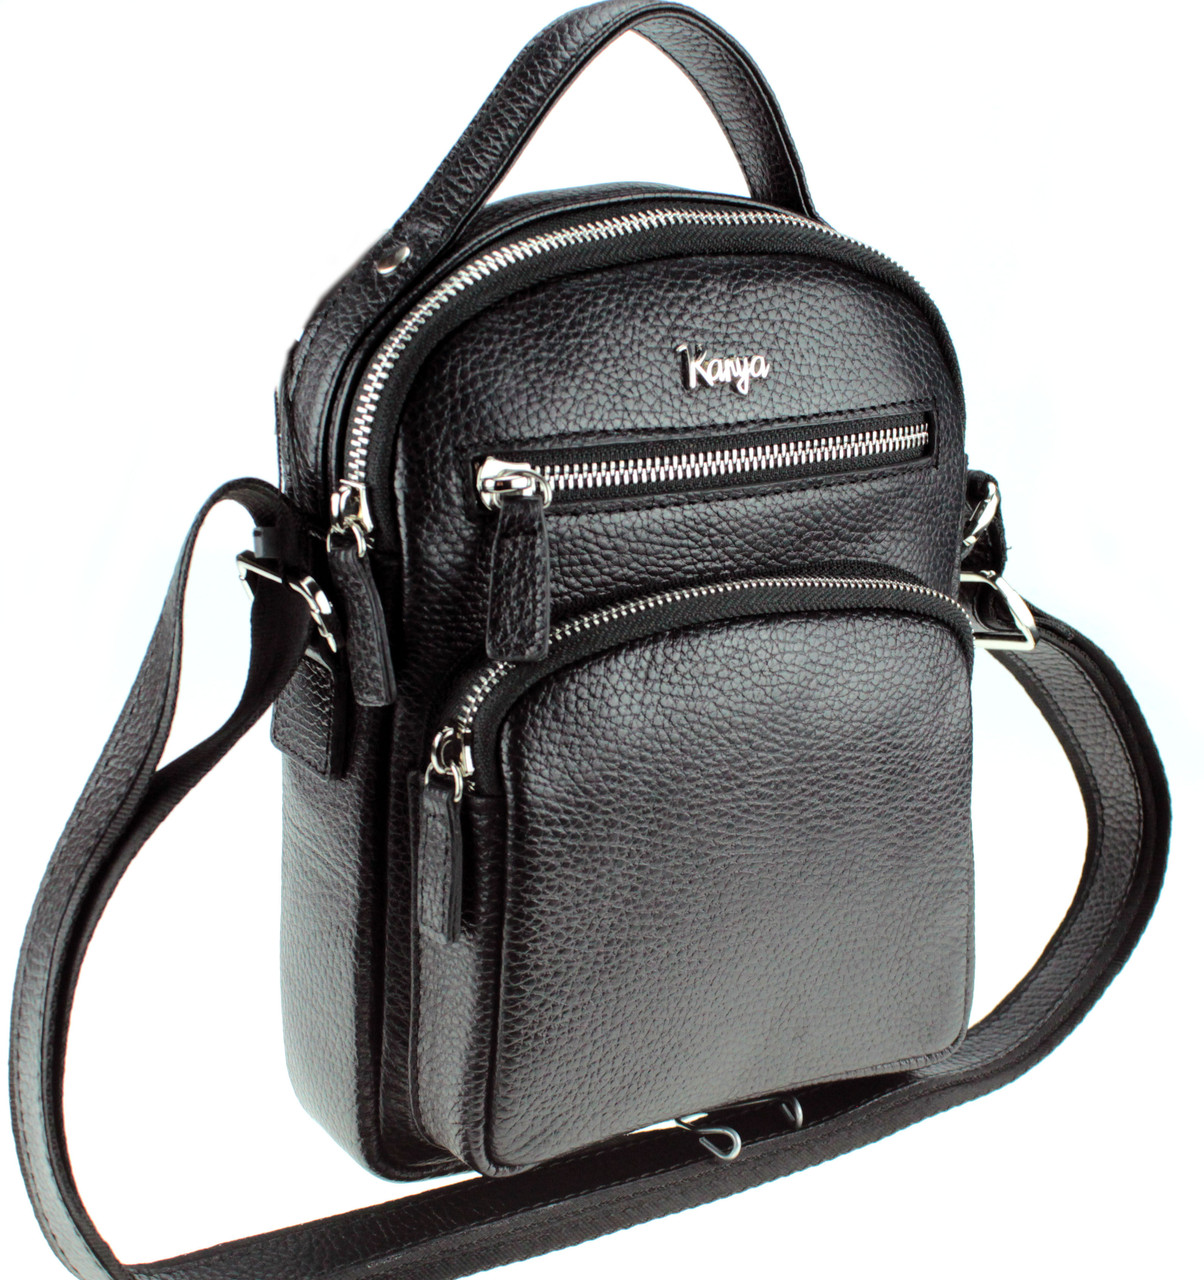 Мужская сумка барсетка Karya 0251-45 кожаная черная